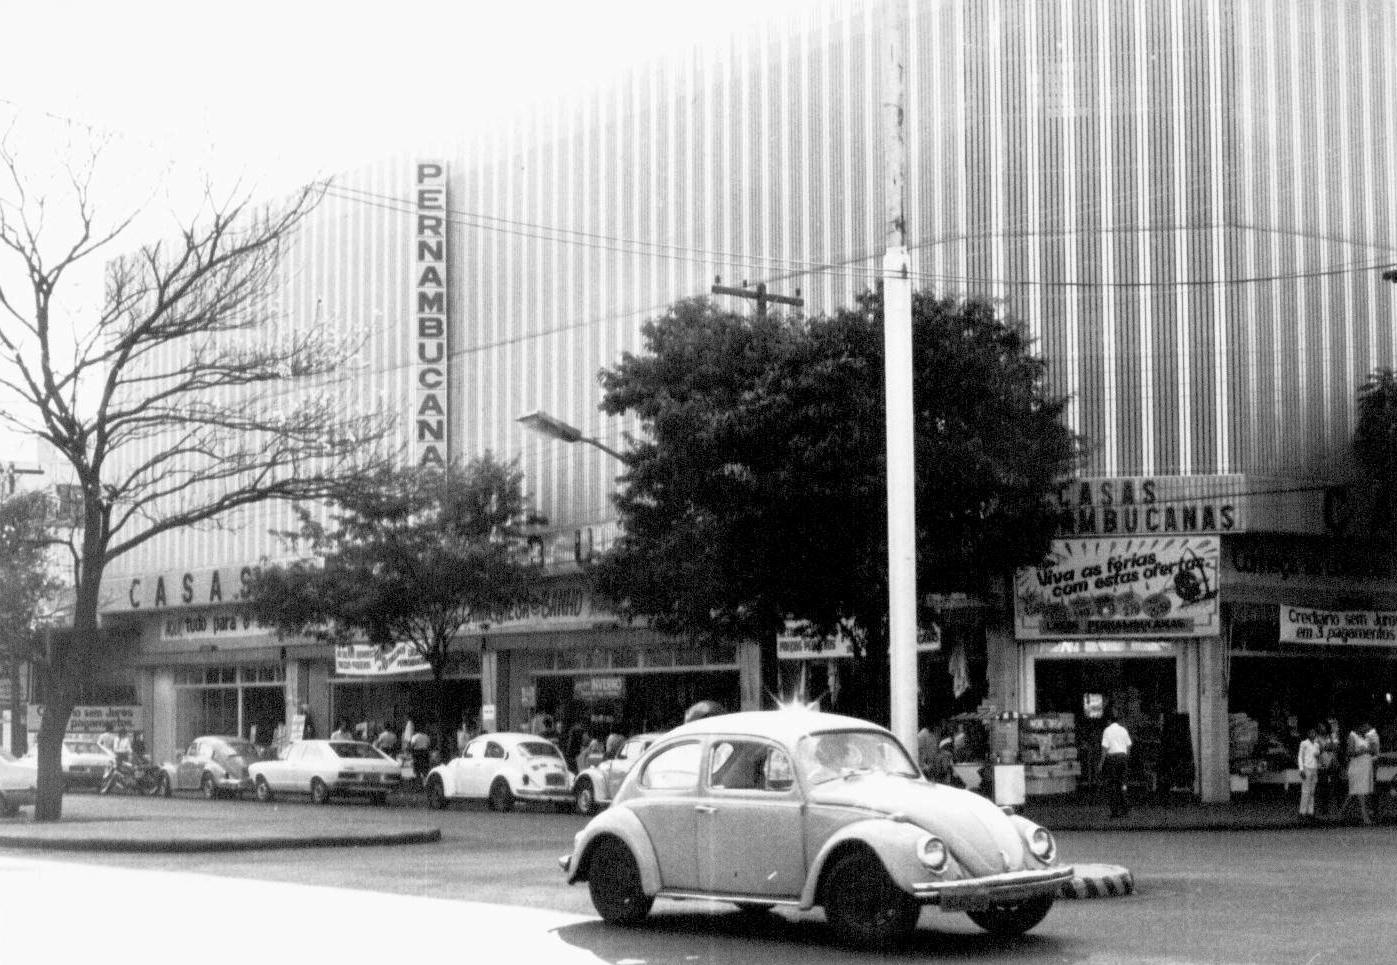 Casas Pernambucanas - 1984